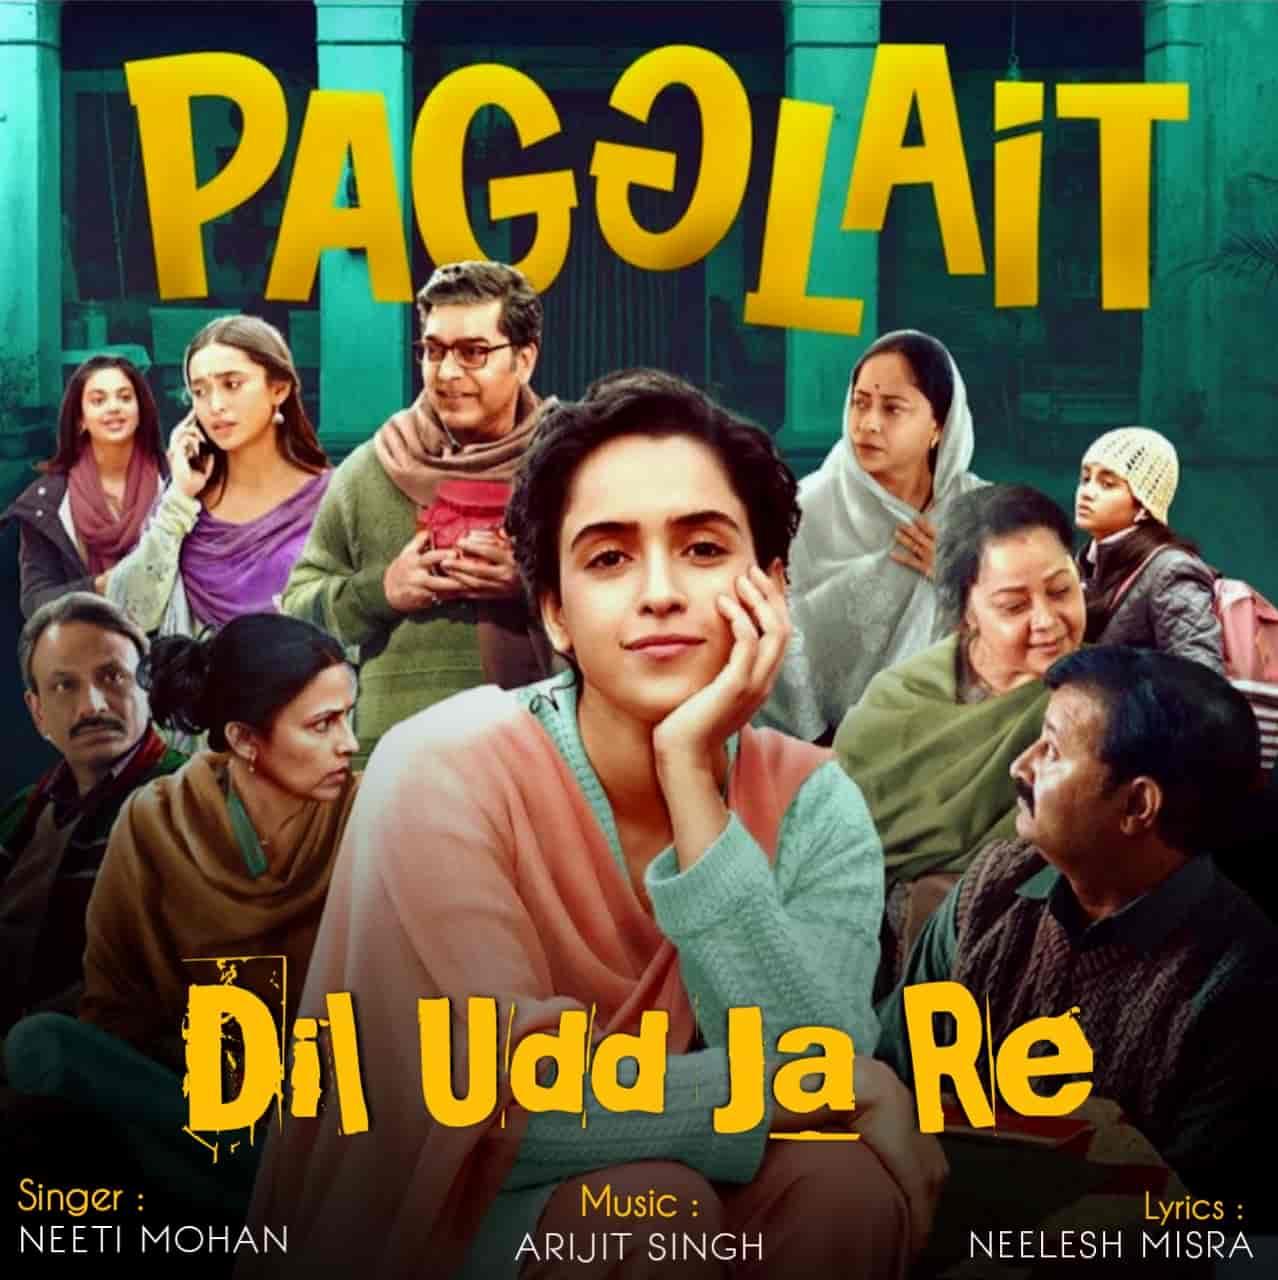 Dil Udd Ja Re Hindi Song Lyrics Pagglait